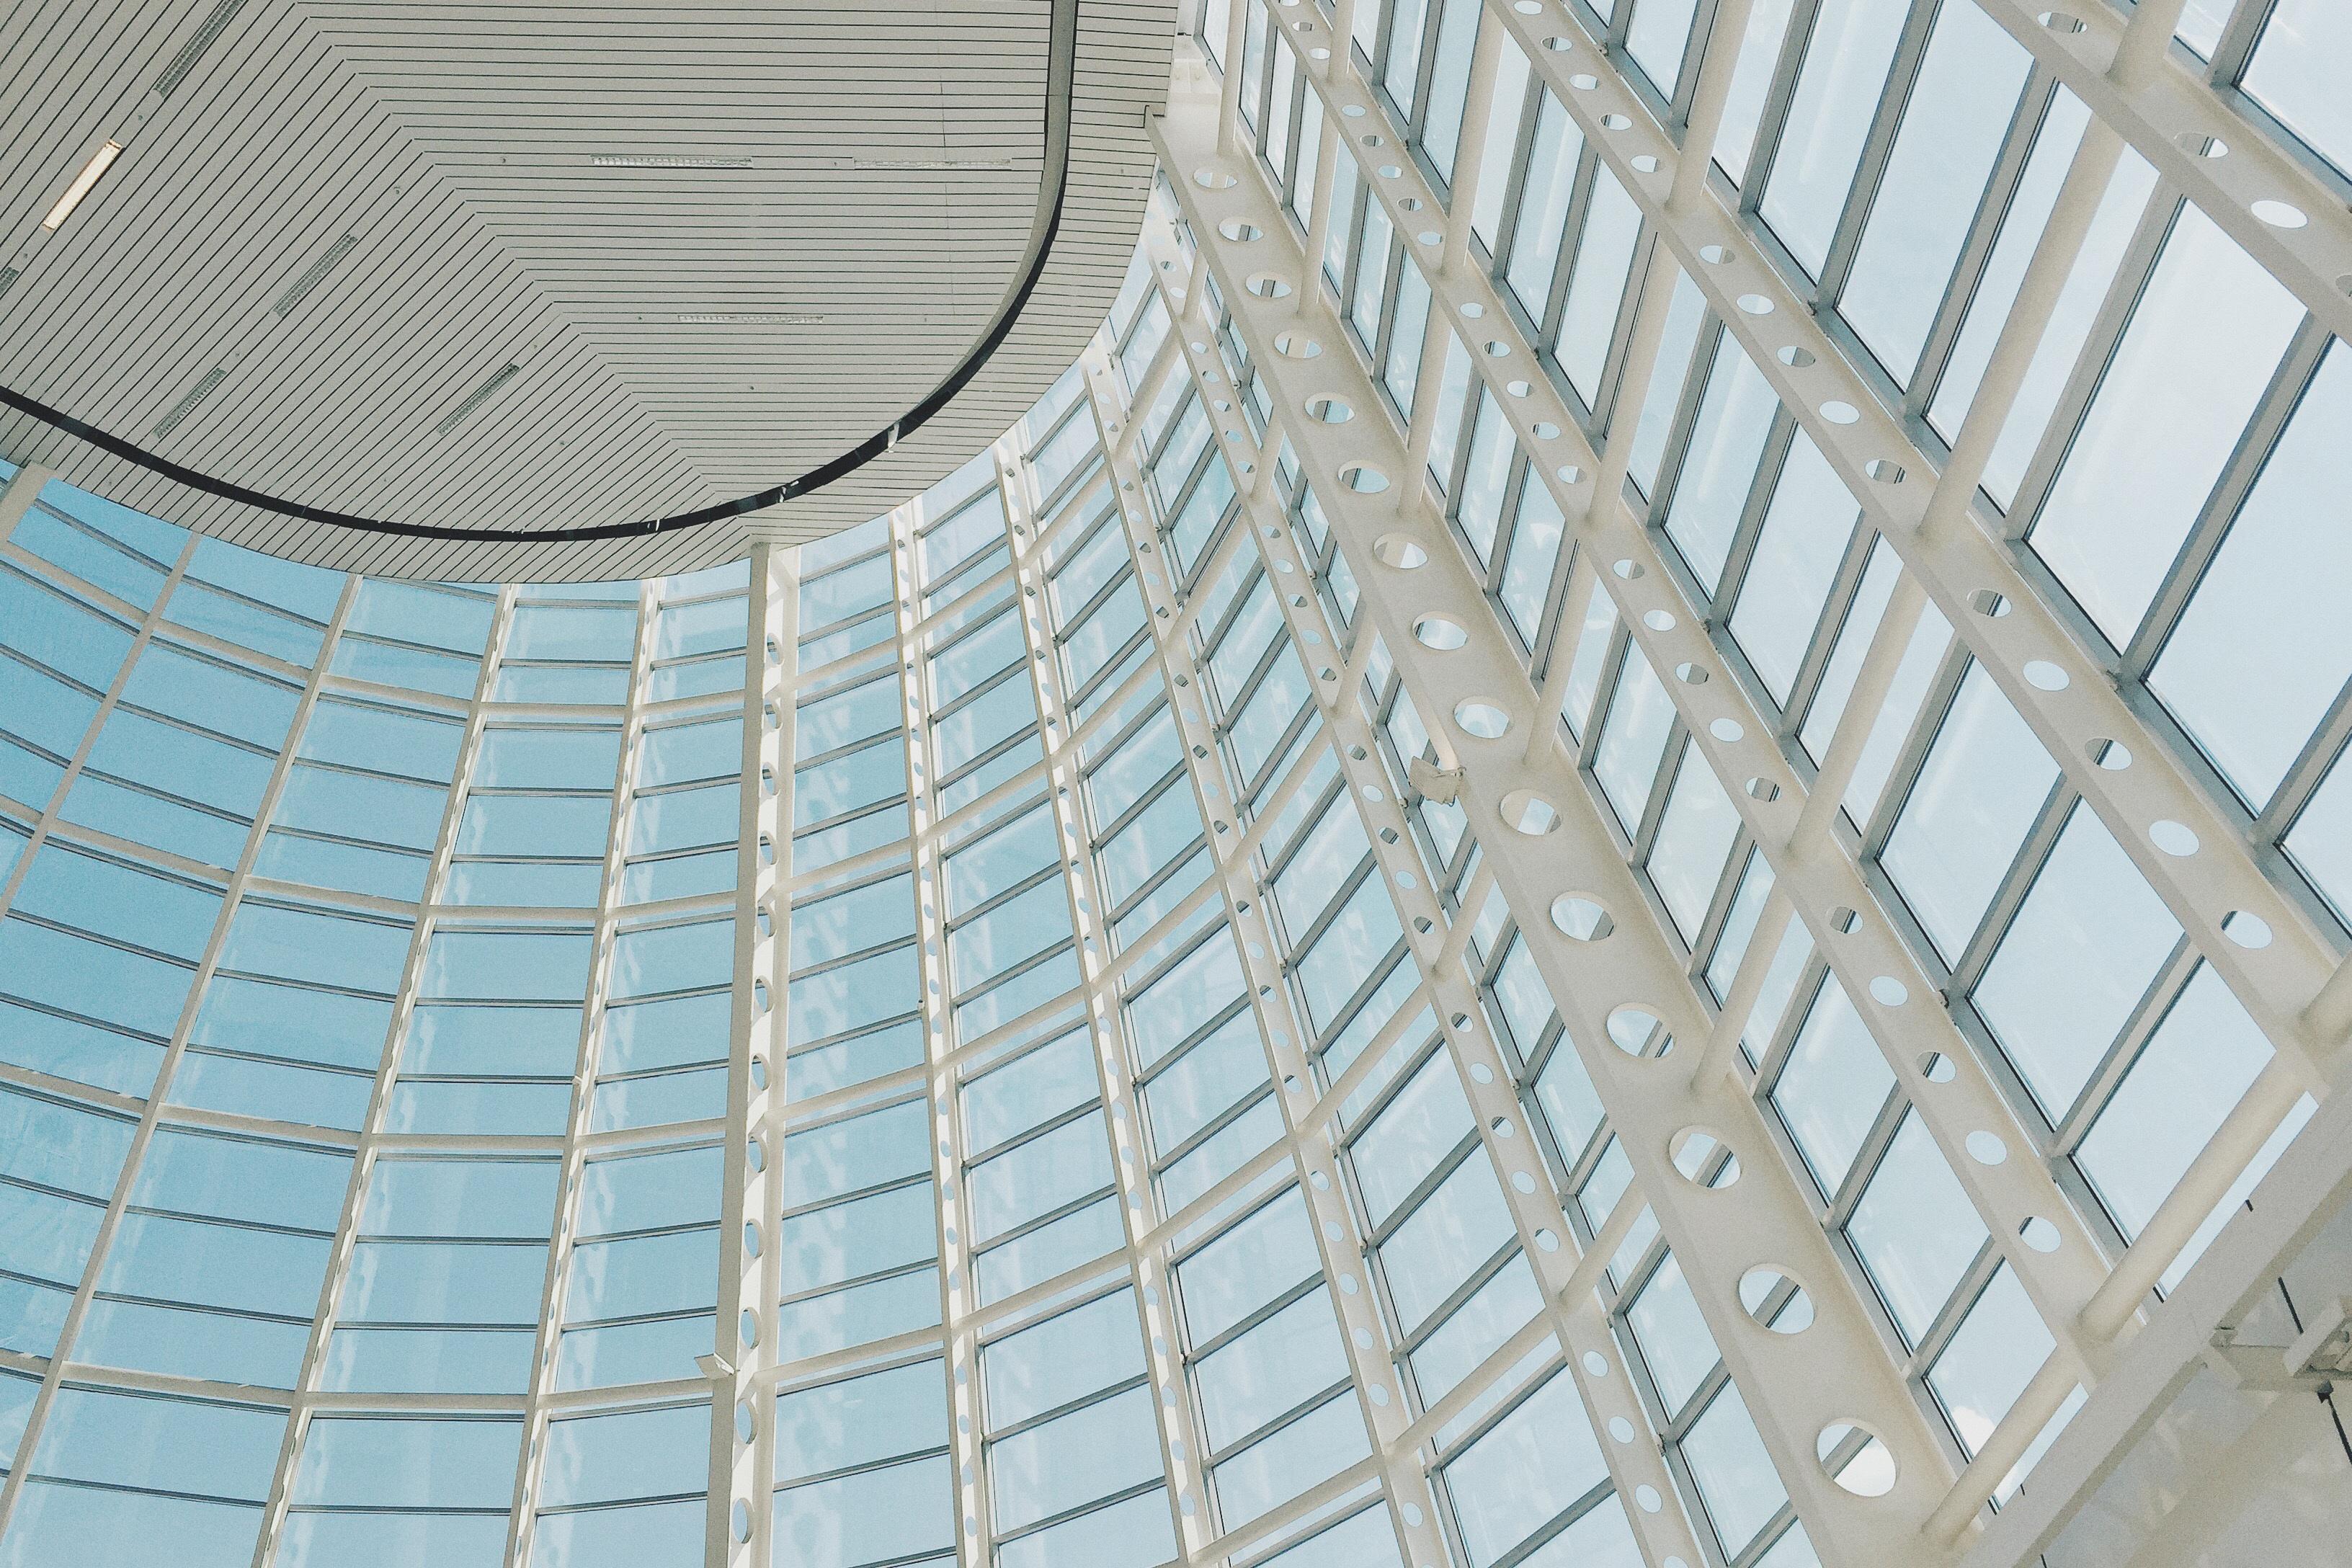 Stehlen Modern kostenlose foto die architektur struktur innere glas